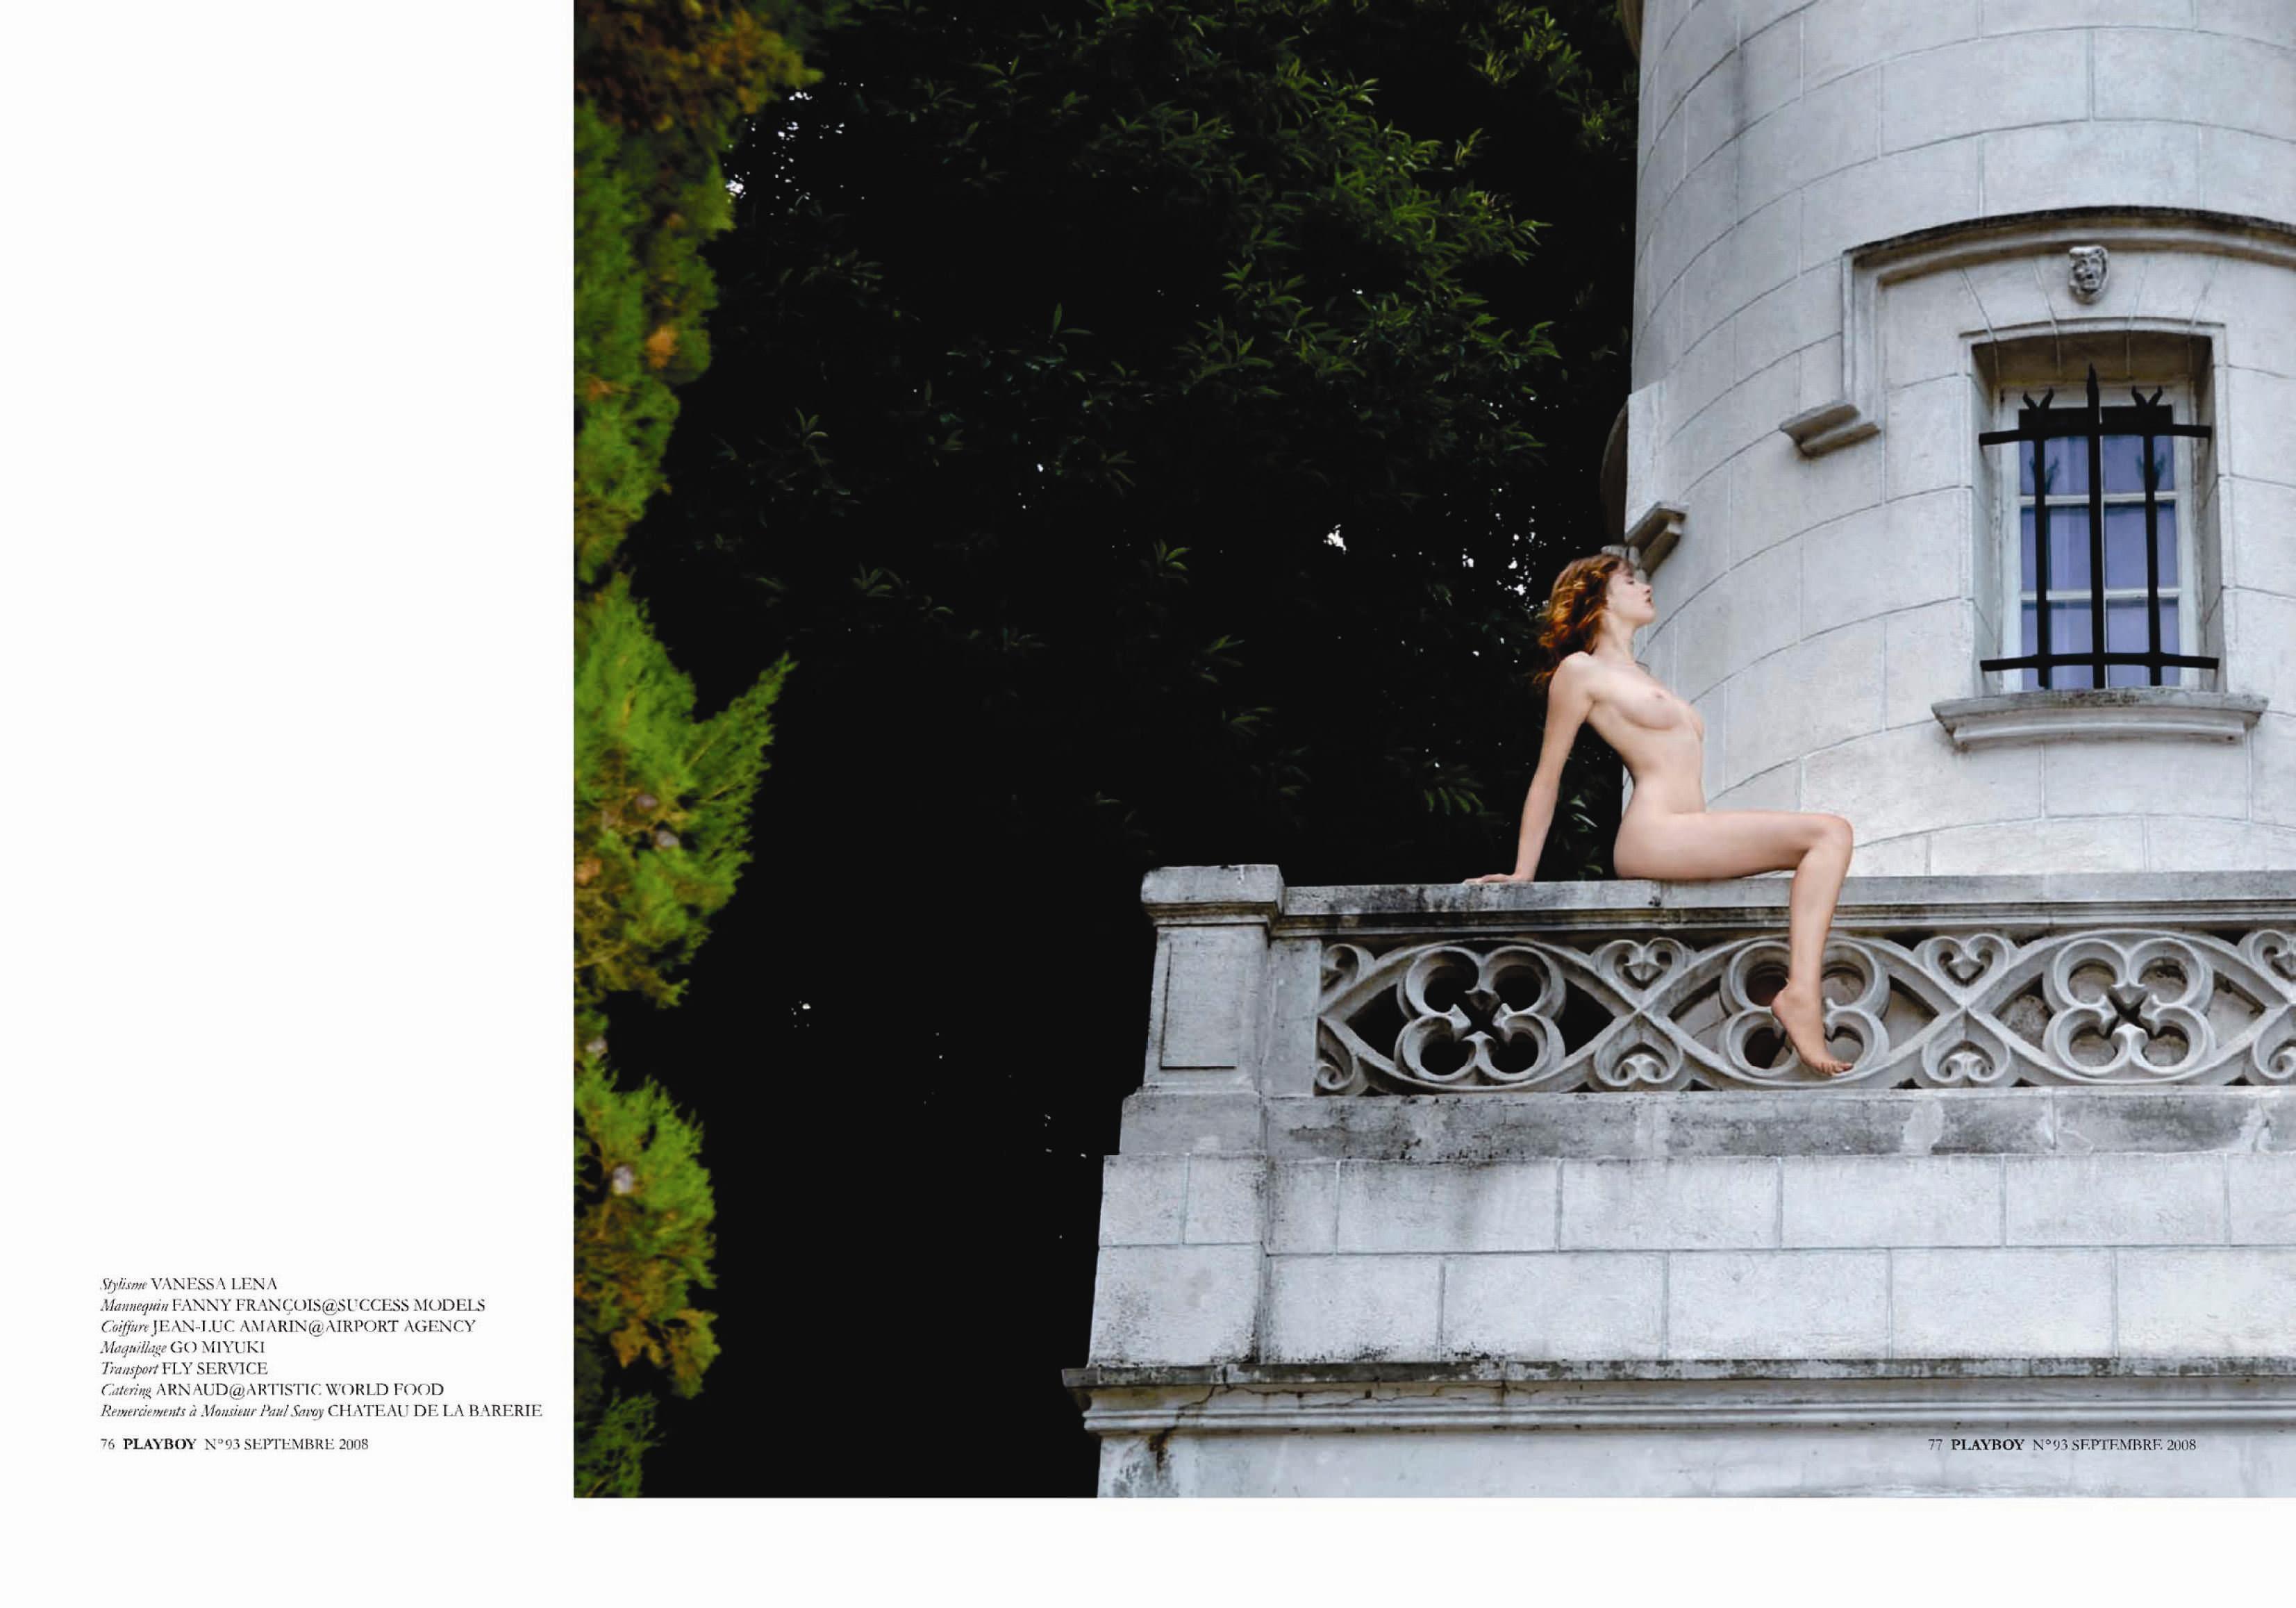 【外人】ベルギー出身ファニー・フランソワ(Fanny Francois)雑誌で乳首を許可したポルノ画像 3307